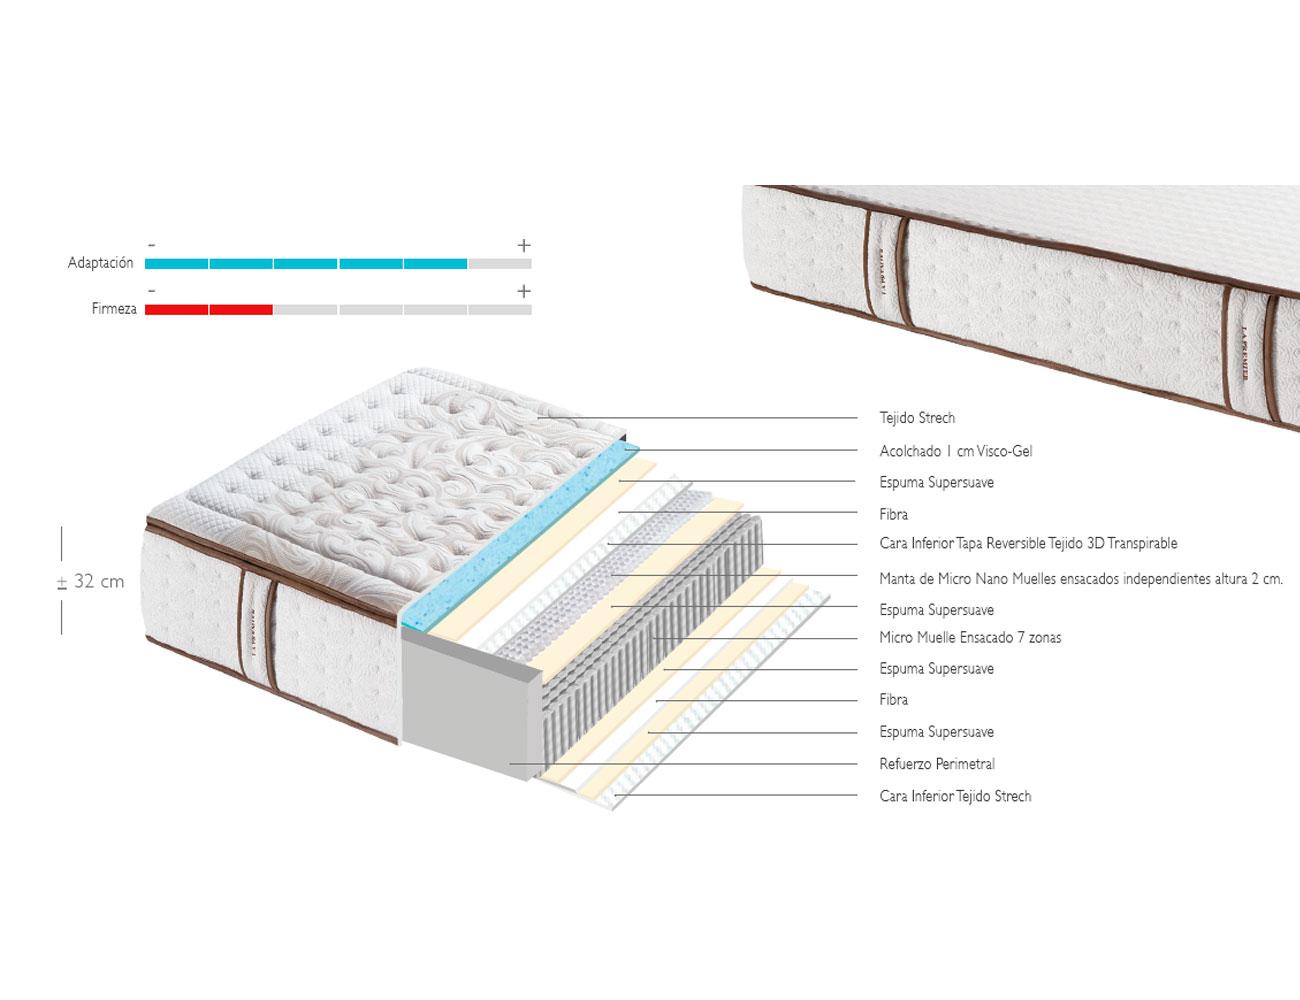 Colchon la premiere nano muelle micro 7 zonas descanso viscoelastico 130